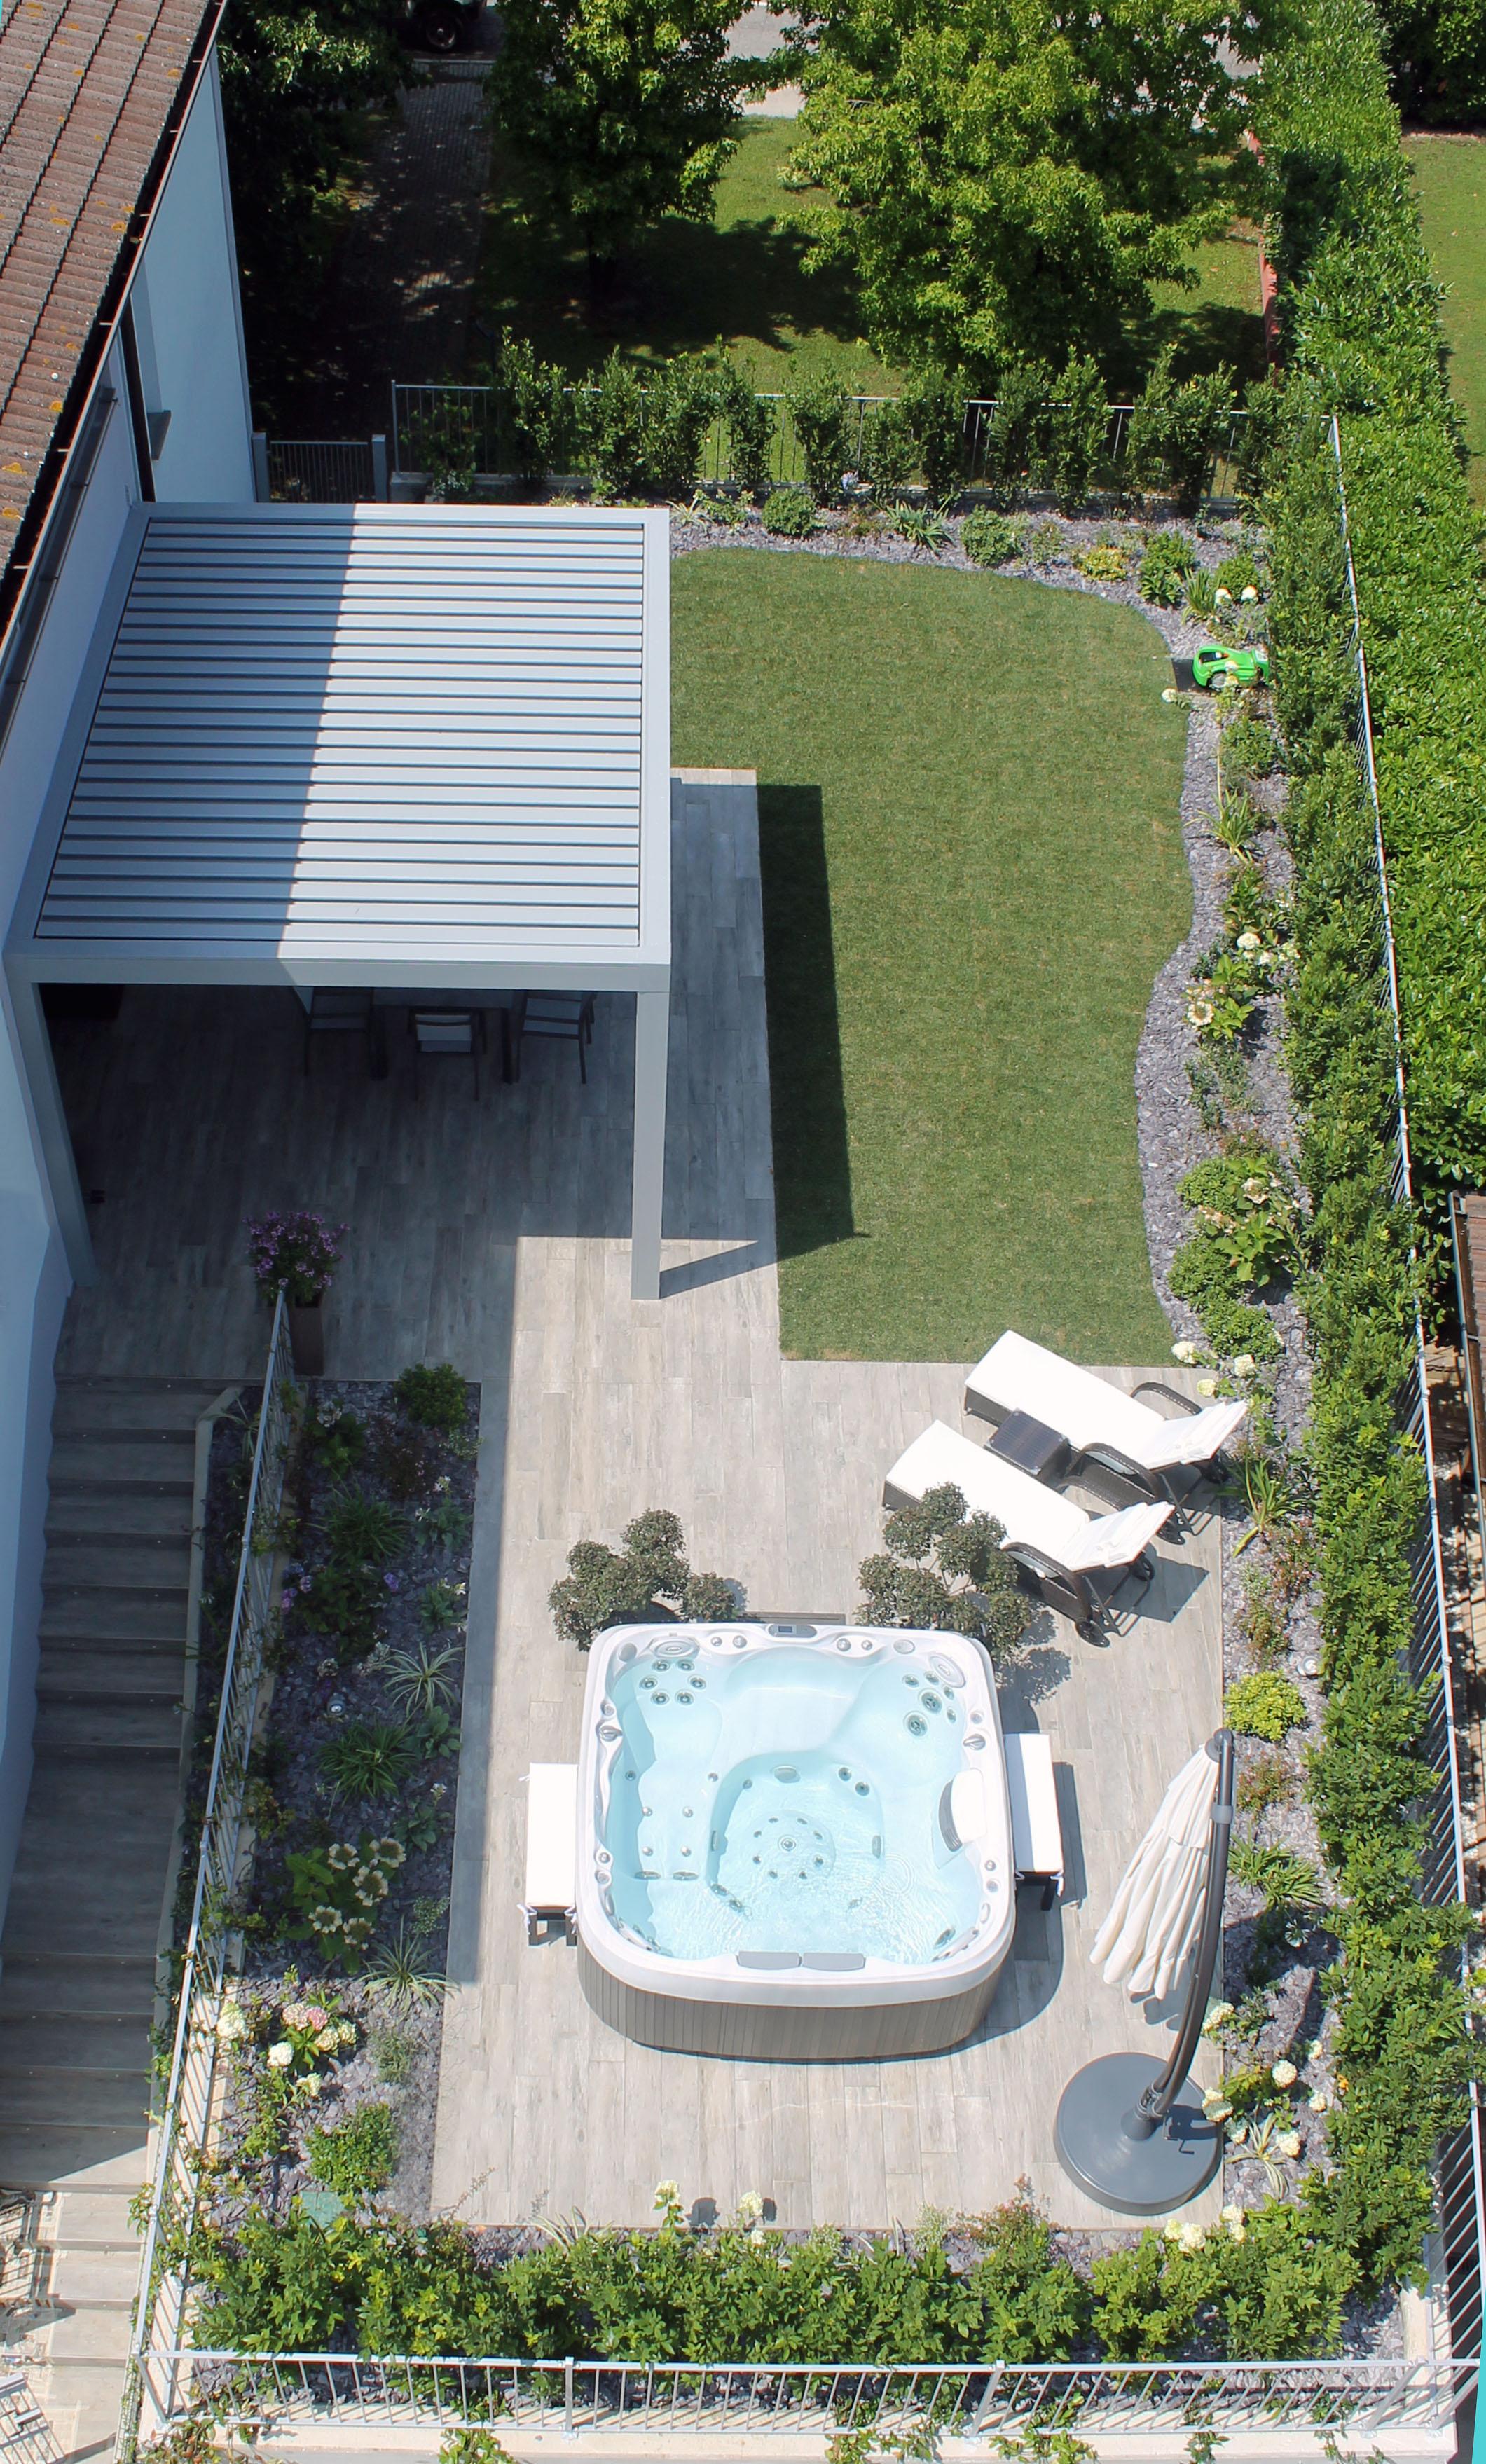 Rendere meraviglioso un piccolo giardino impresa edile for Allestire un piccolo giardino